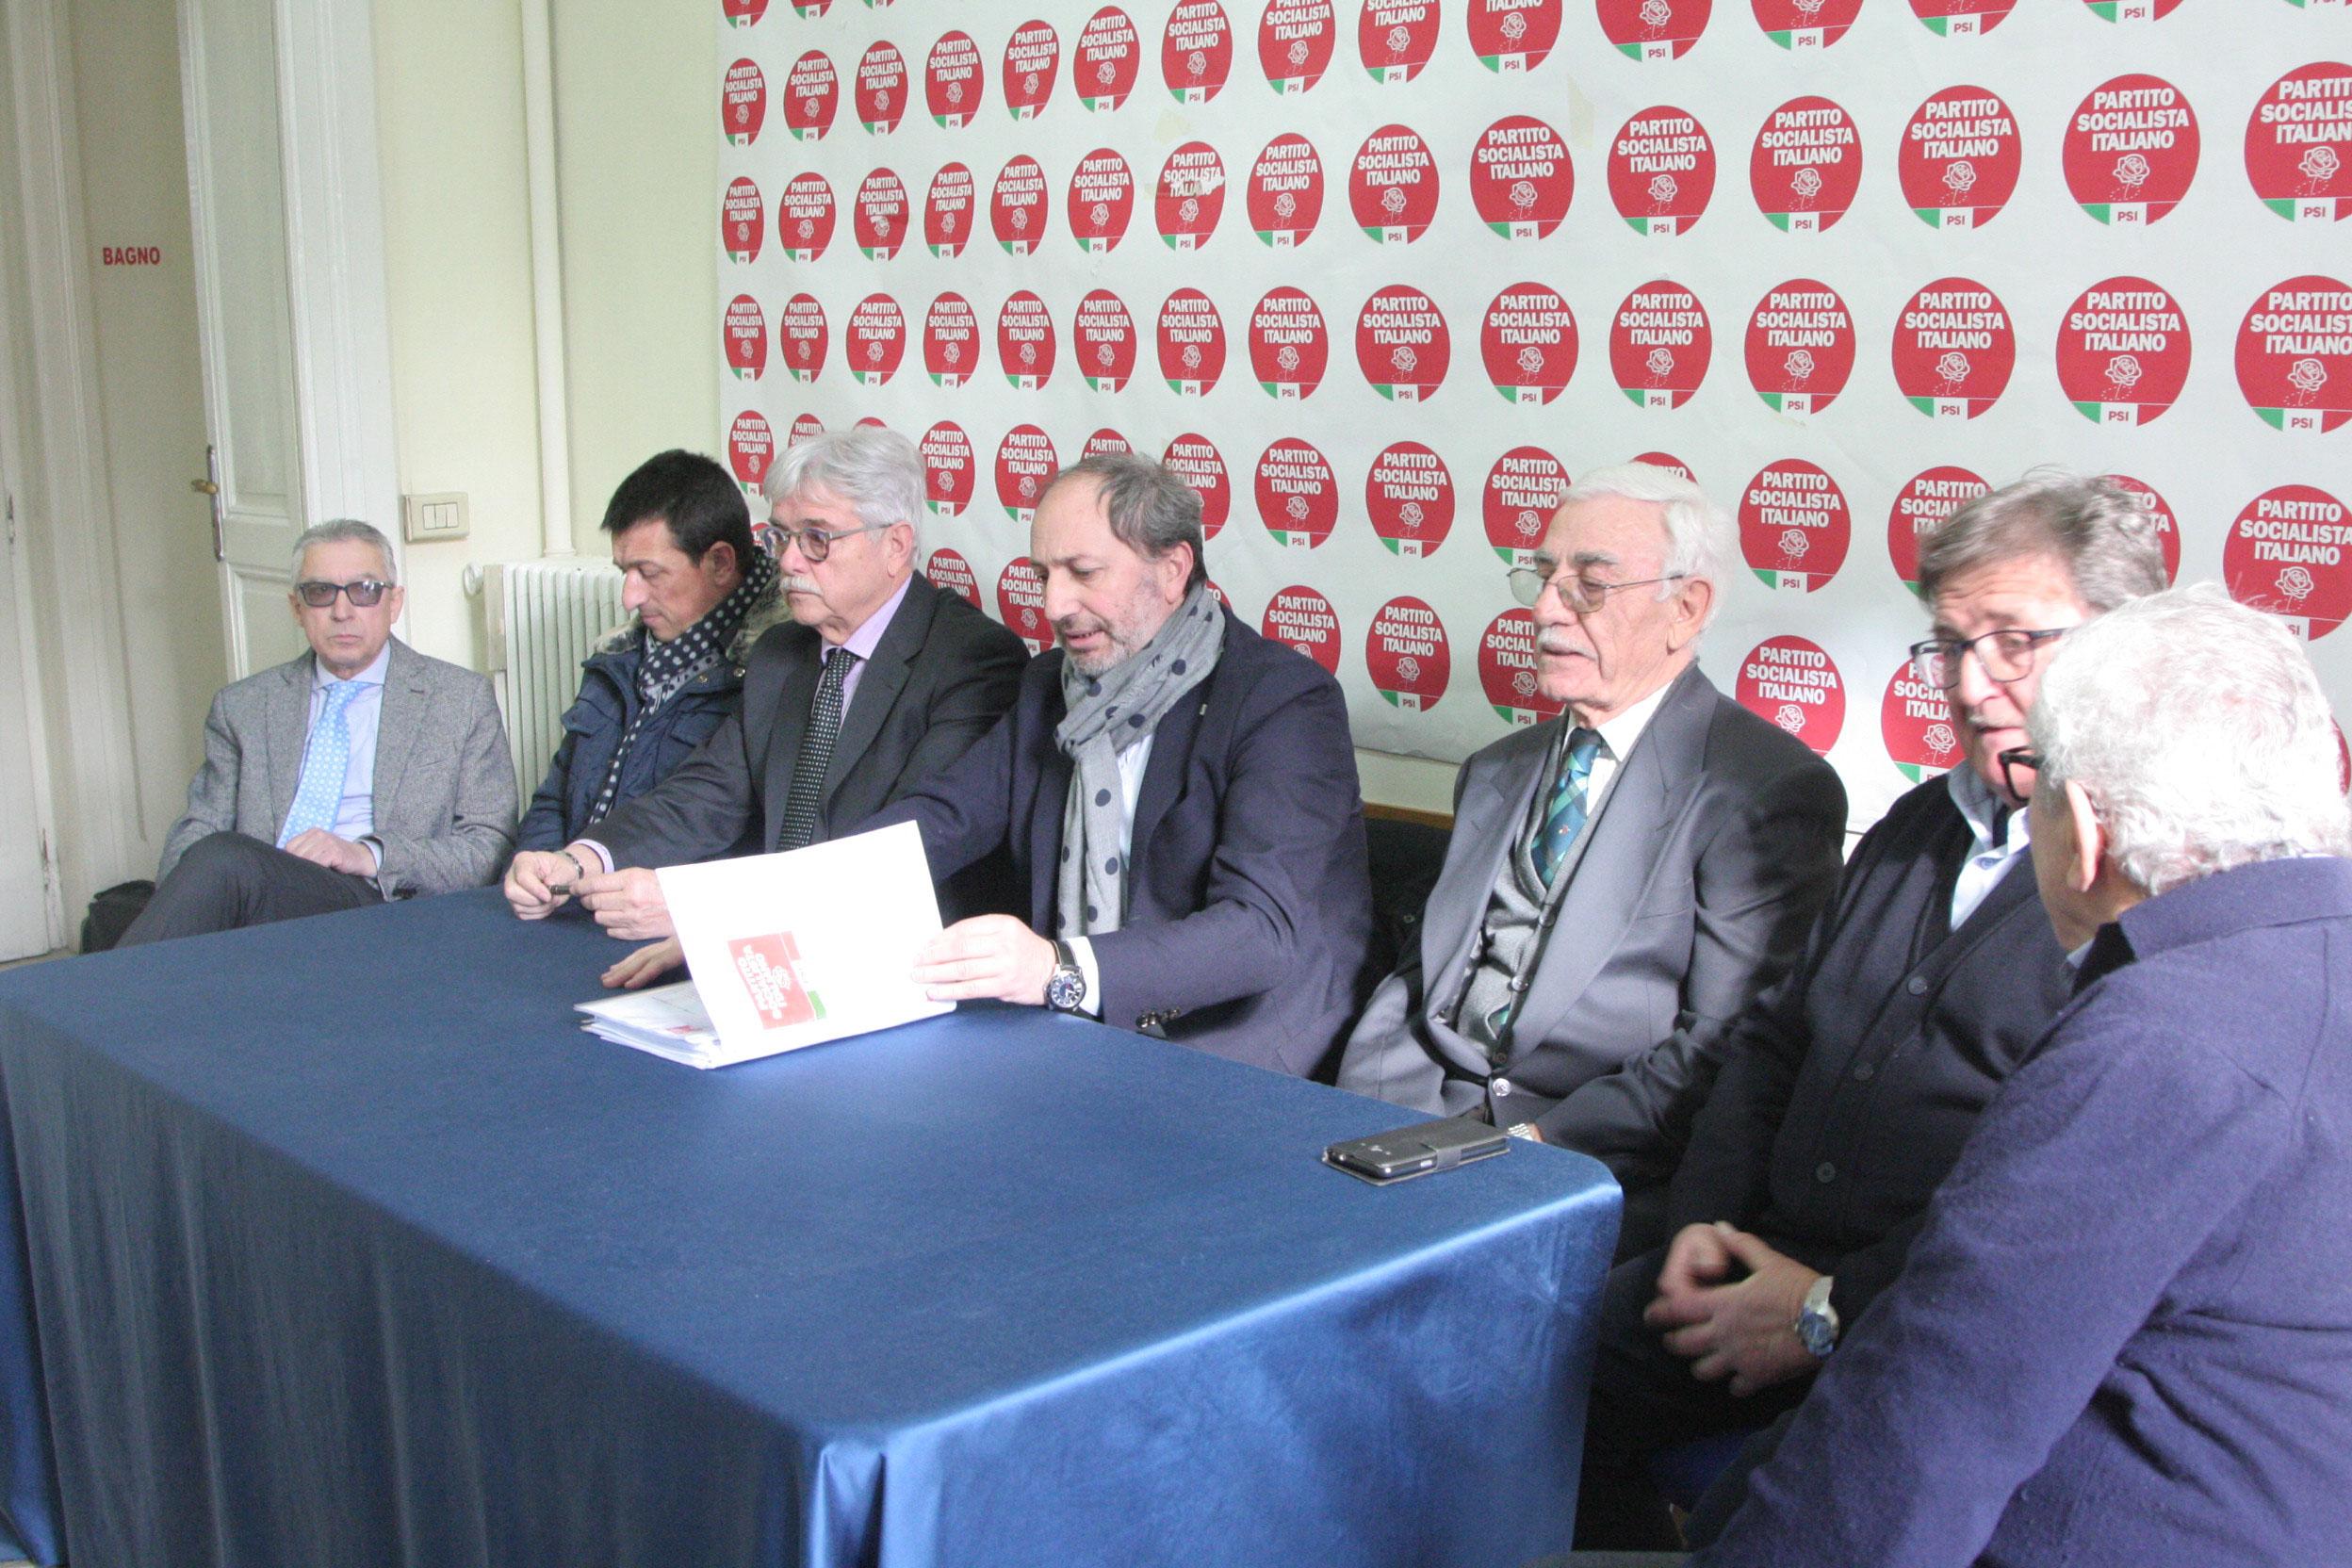 """Nasce """"Insieme"""": Partito Socialista, Verdi e prodiani di Area Civica a sostegno del Pd"""